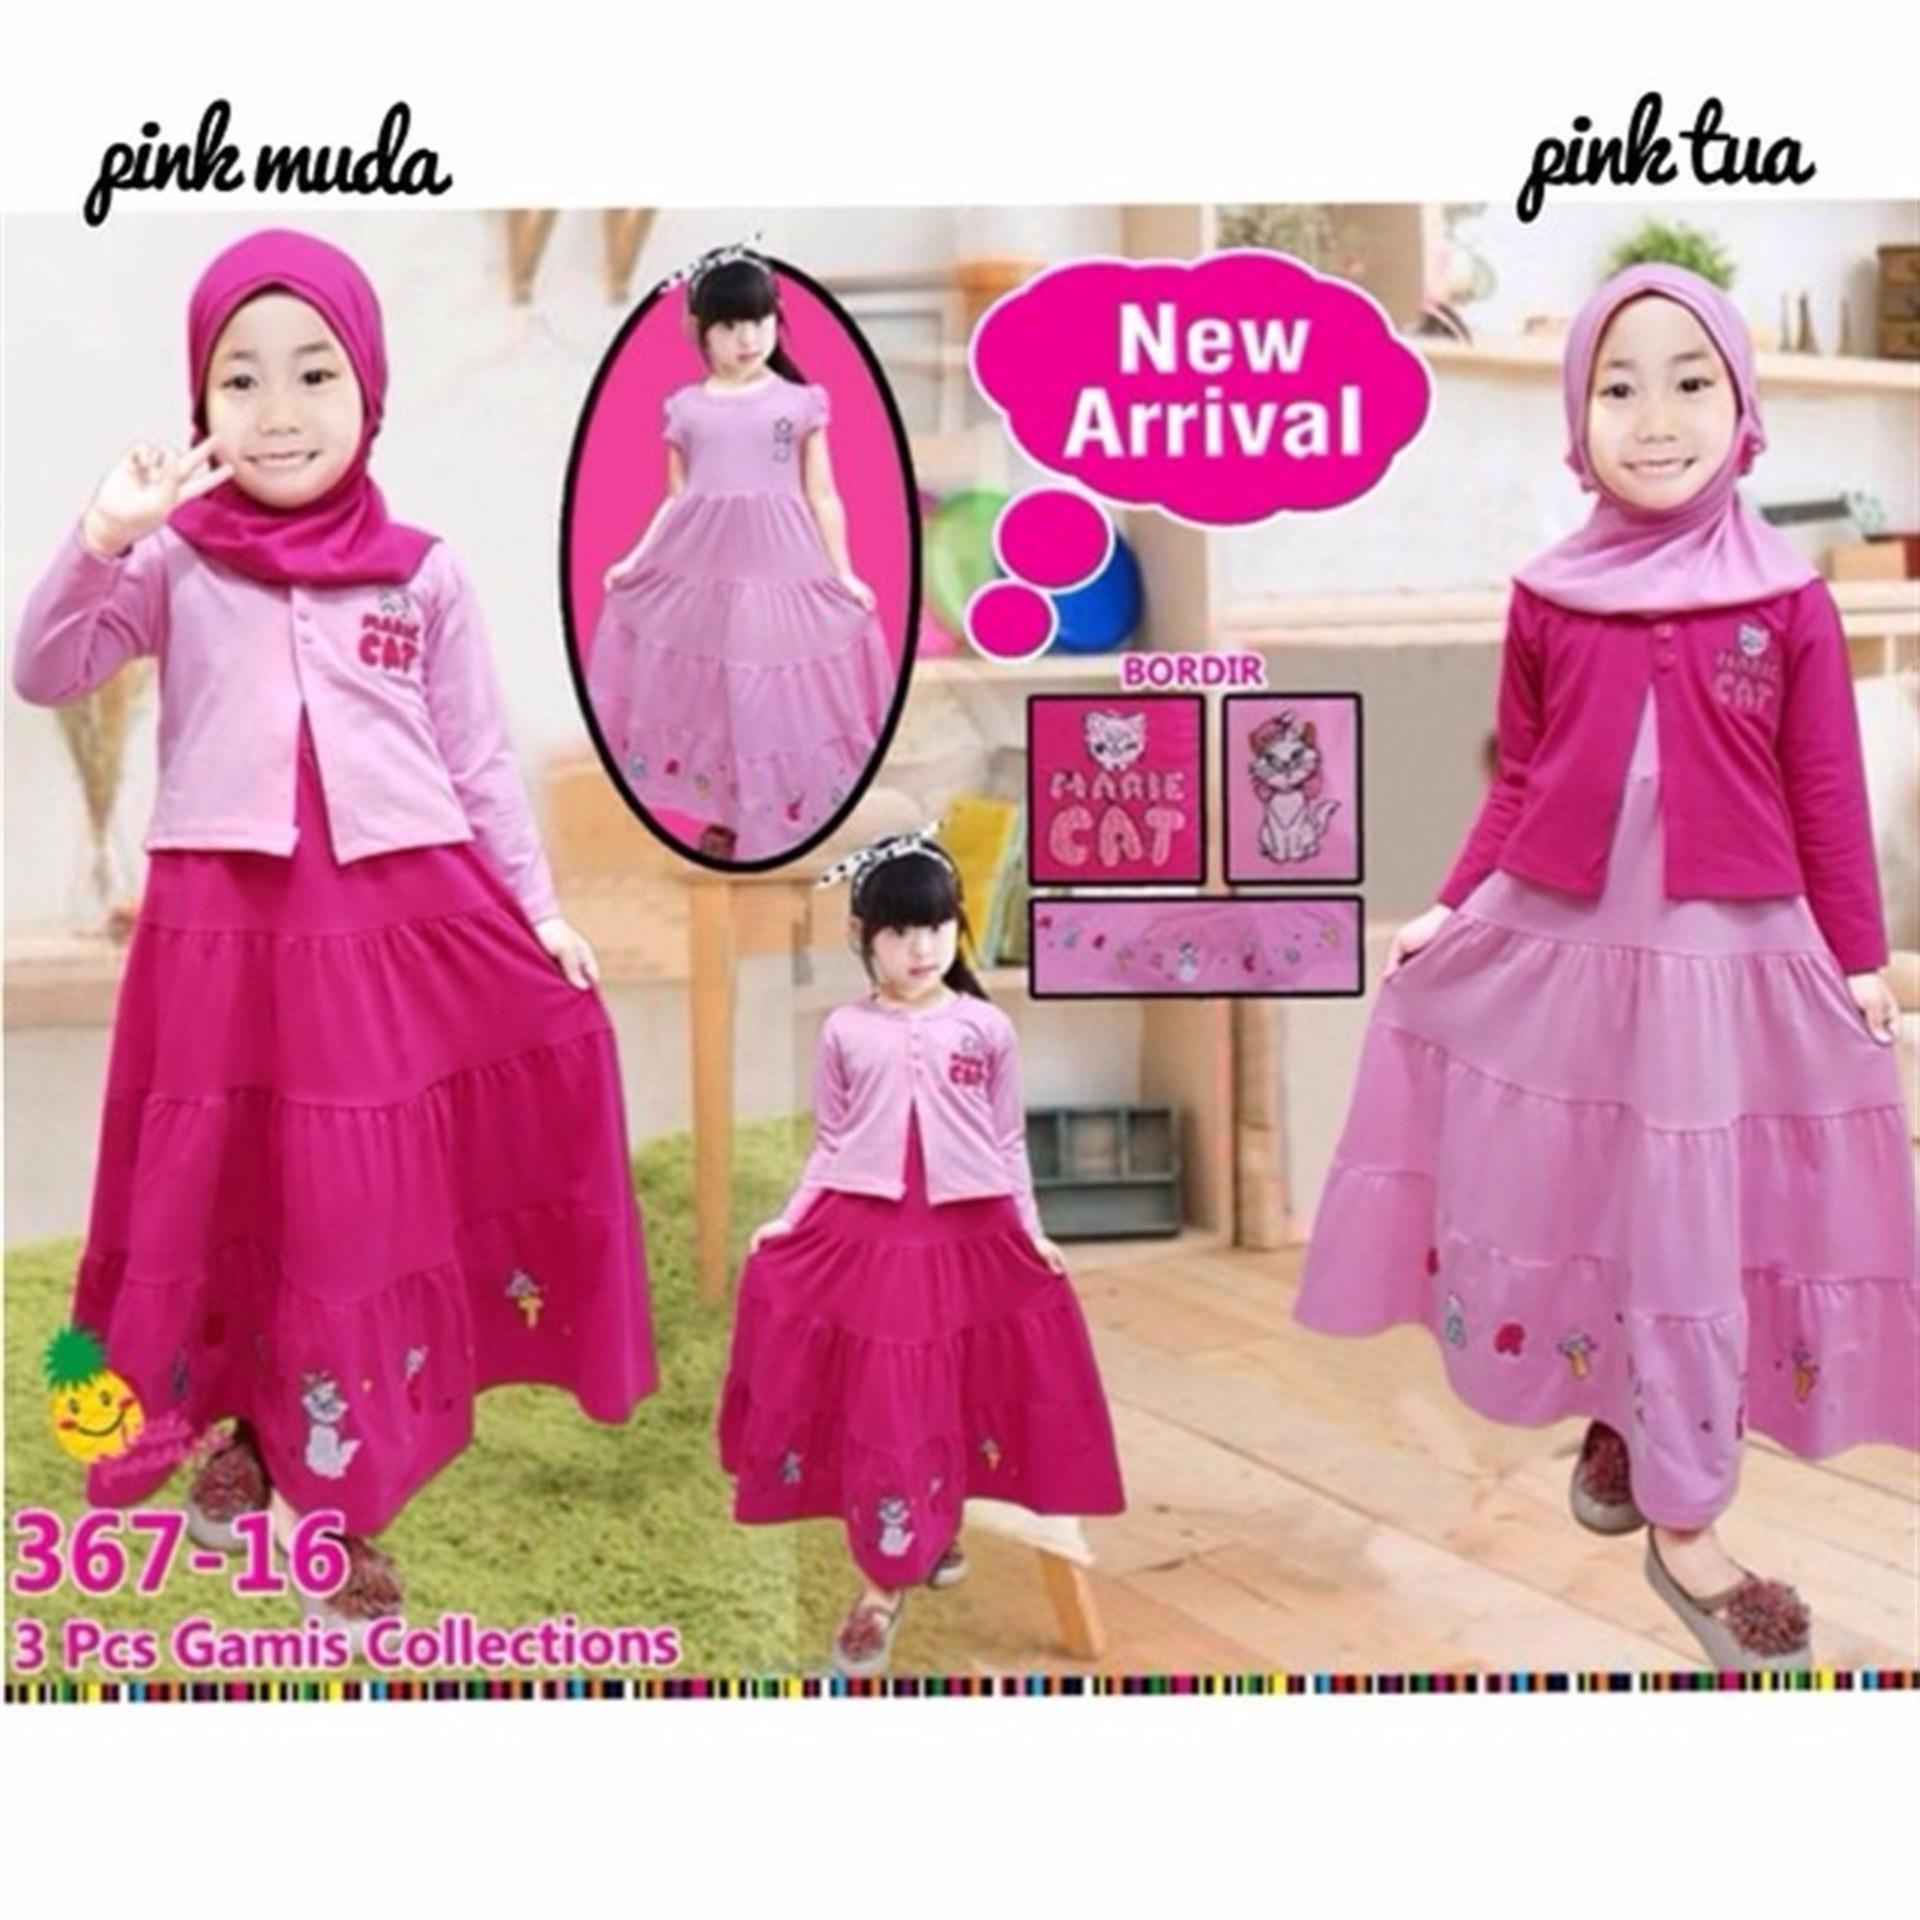 Jual Beli Little Pineapple 3in1 Setelan Muslim Hijab Gamis Cardigan Papeterie Set Pakaian Anak Perempuan St